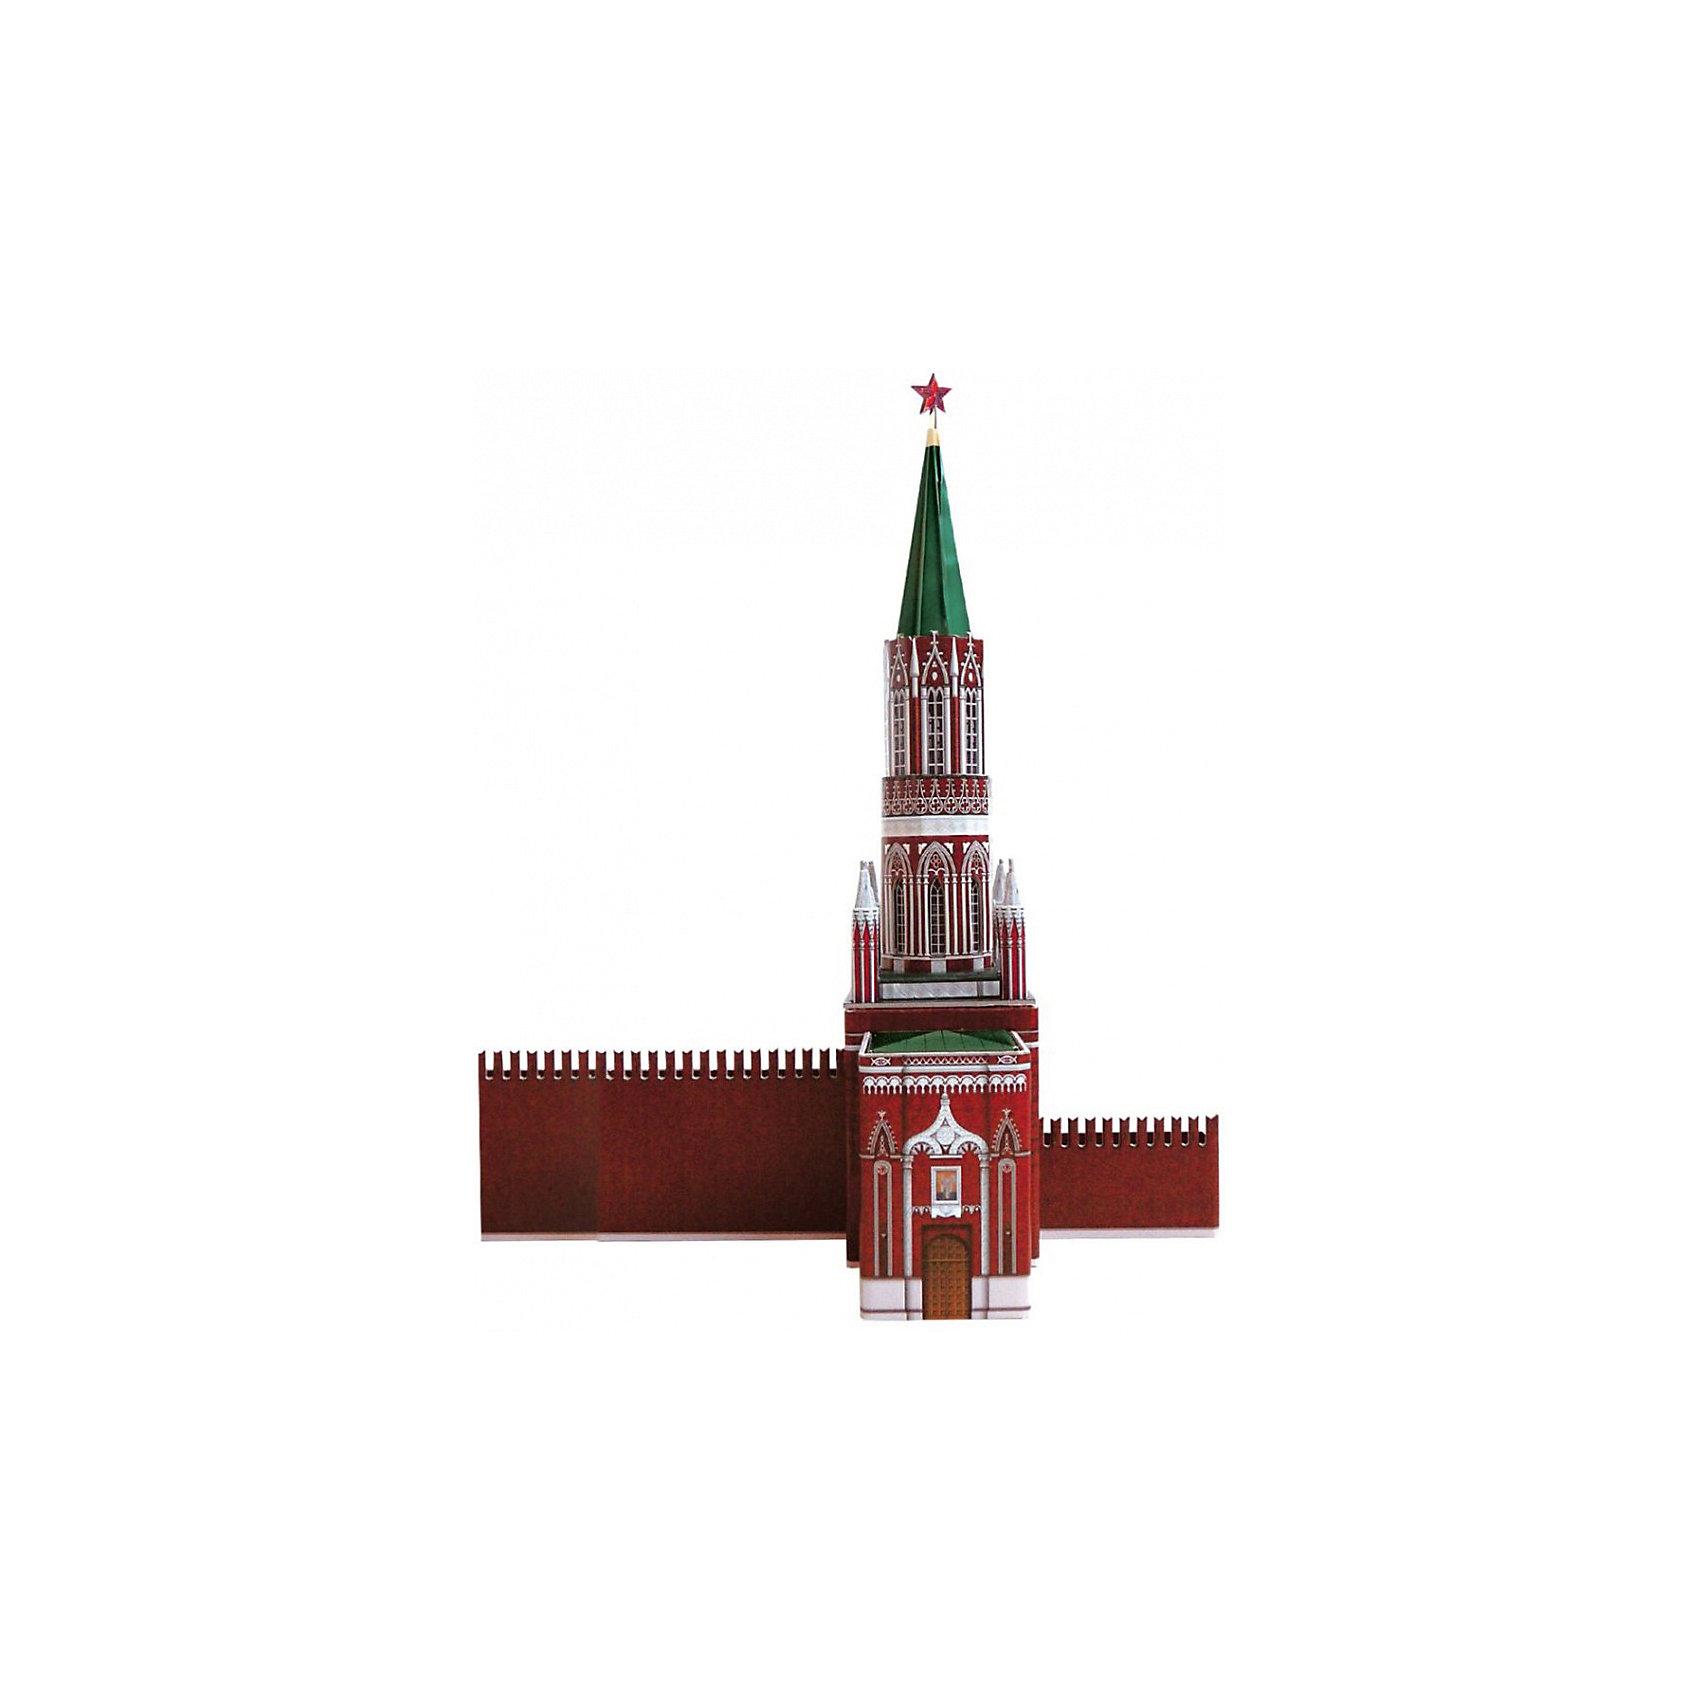 Сборная модель Никольская башняНикольская башня - cборная модель из картона. Количество деталей, шт: 23. Размер в собранном виде, см: 22 x 11 x 30. Размер упаковки, мм.:  высота 264 ширина 180 глубина 19. Тип упаковки: Картонная коробка. Вес, гр.: 242. Возраст: от 7 лет. Все модели и игрушки, созданные по технологии УМНАЯ БУМАГА собираются без ножниц и клея, что является их неповторимой особенностью.<br>Принцип соединения деталей запатентован. Соединения деталей продуманы и просчитаны с такой точностью, что при правильной сборке с моделью можно играть, как с обычной игрушкой.<br><br>Ширина мм: 180<br>Глубина мм: 19<br>Высота мм: 264<br>Вес г: 242<br>Возраст от месяцев: 84<br>Возраст до месяцев: 2147483647<br>Пол: Унисекс<br>Возраст: Детский<br>SKU: 4807401